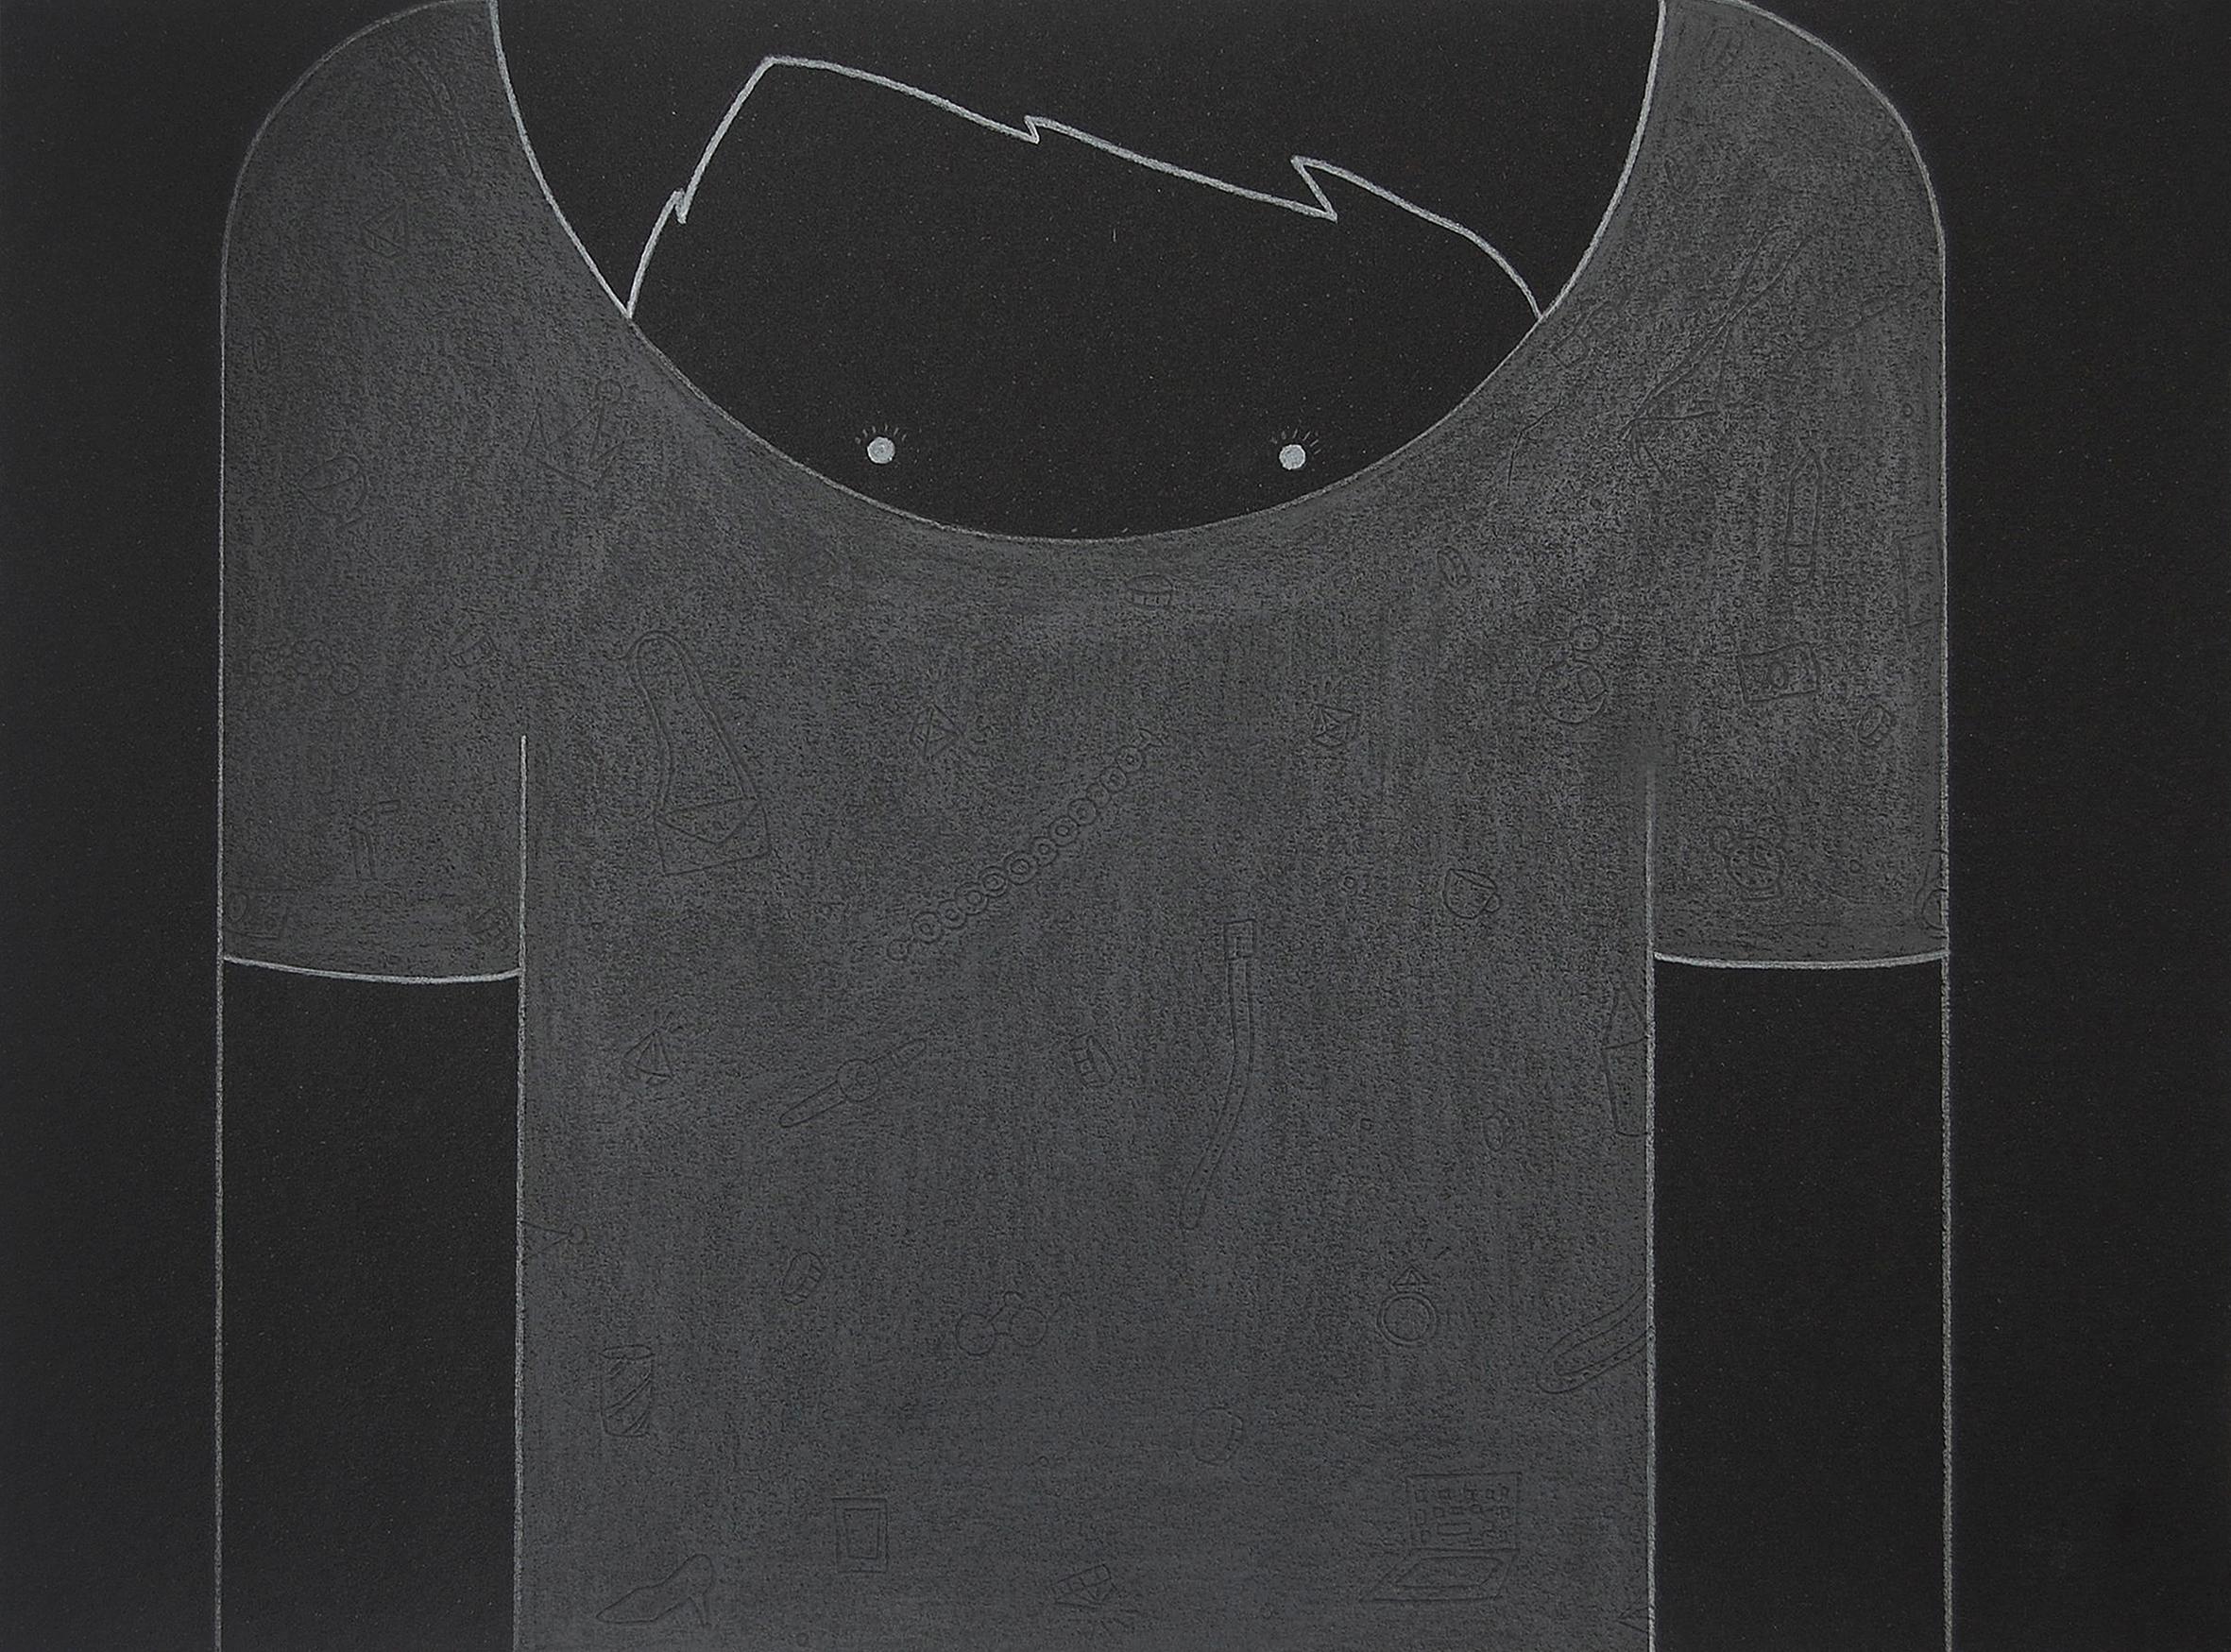 Untitled (Broken Collar)